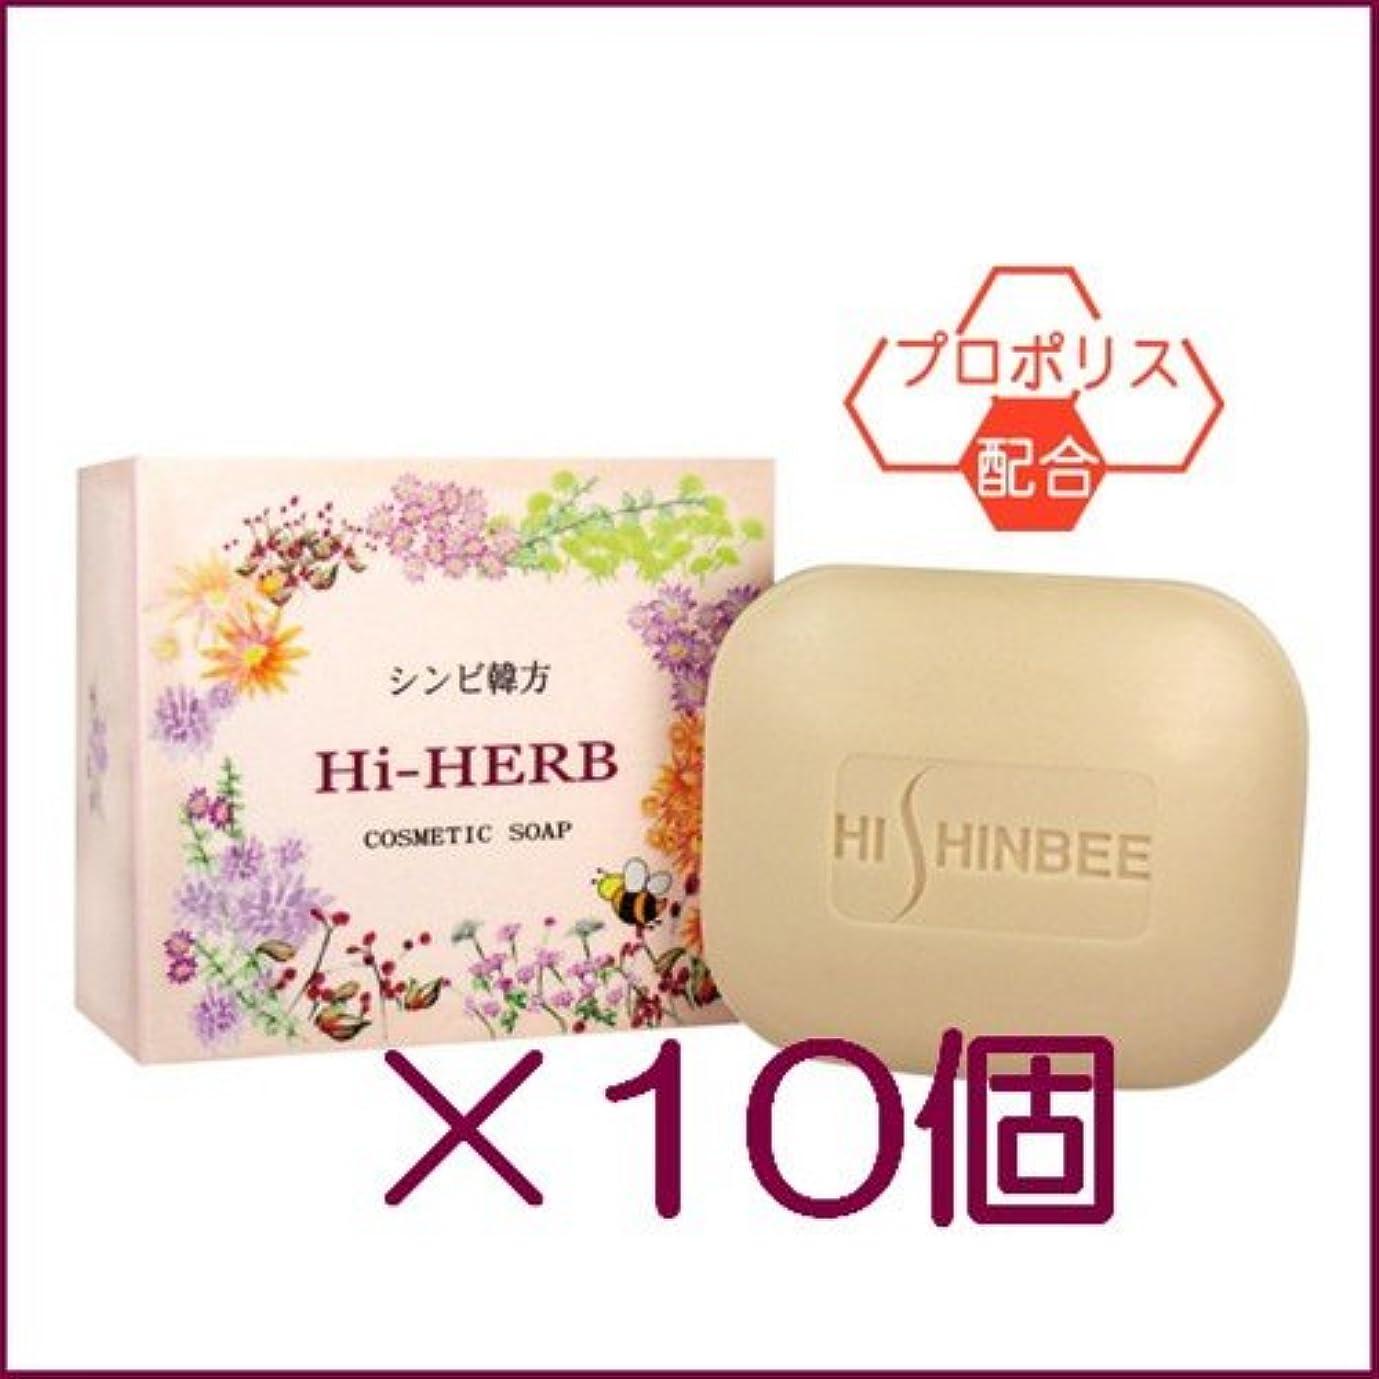 撤回する明確な審判シンビ 韓方ハイハーブ石鹸 100g ×10個